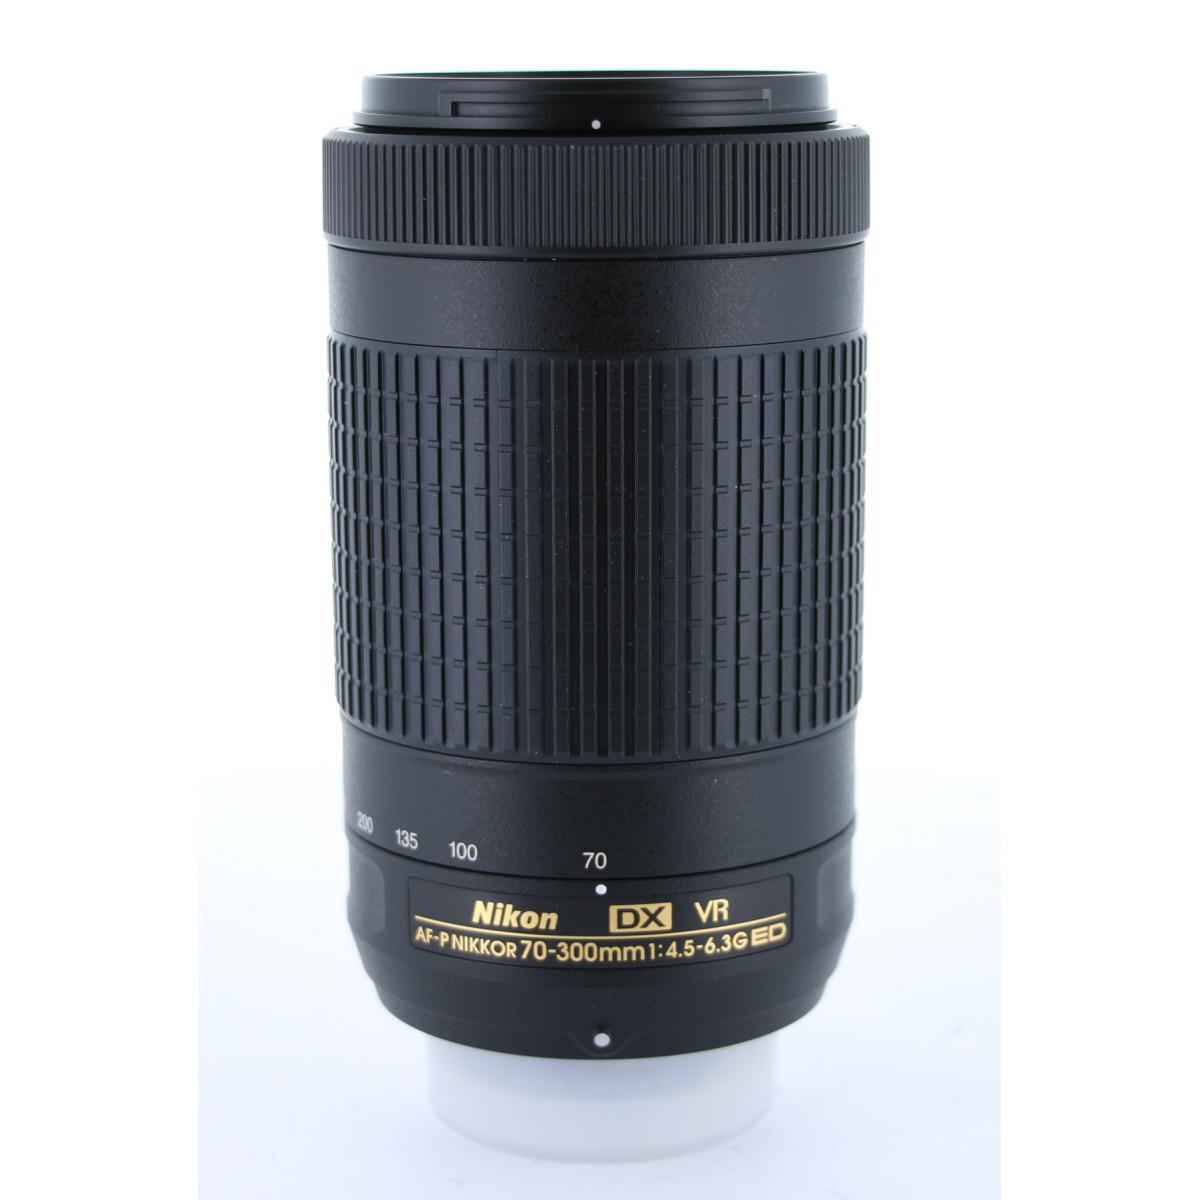 NIKON AF-P DX70-300mm F4.5-6.3G VR【中古】